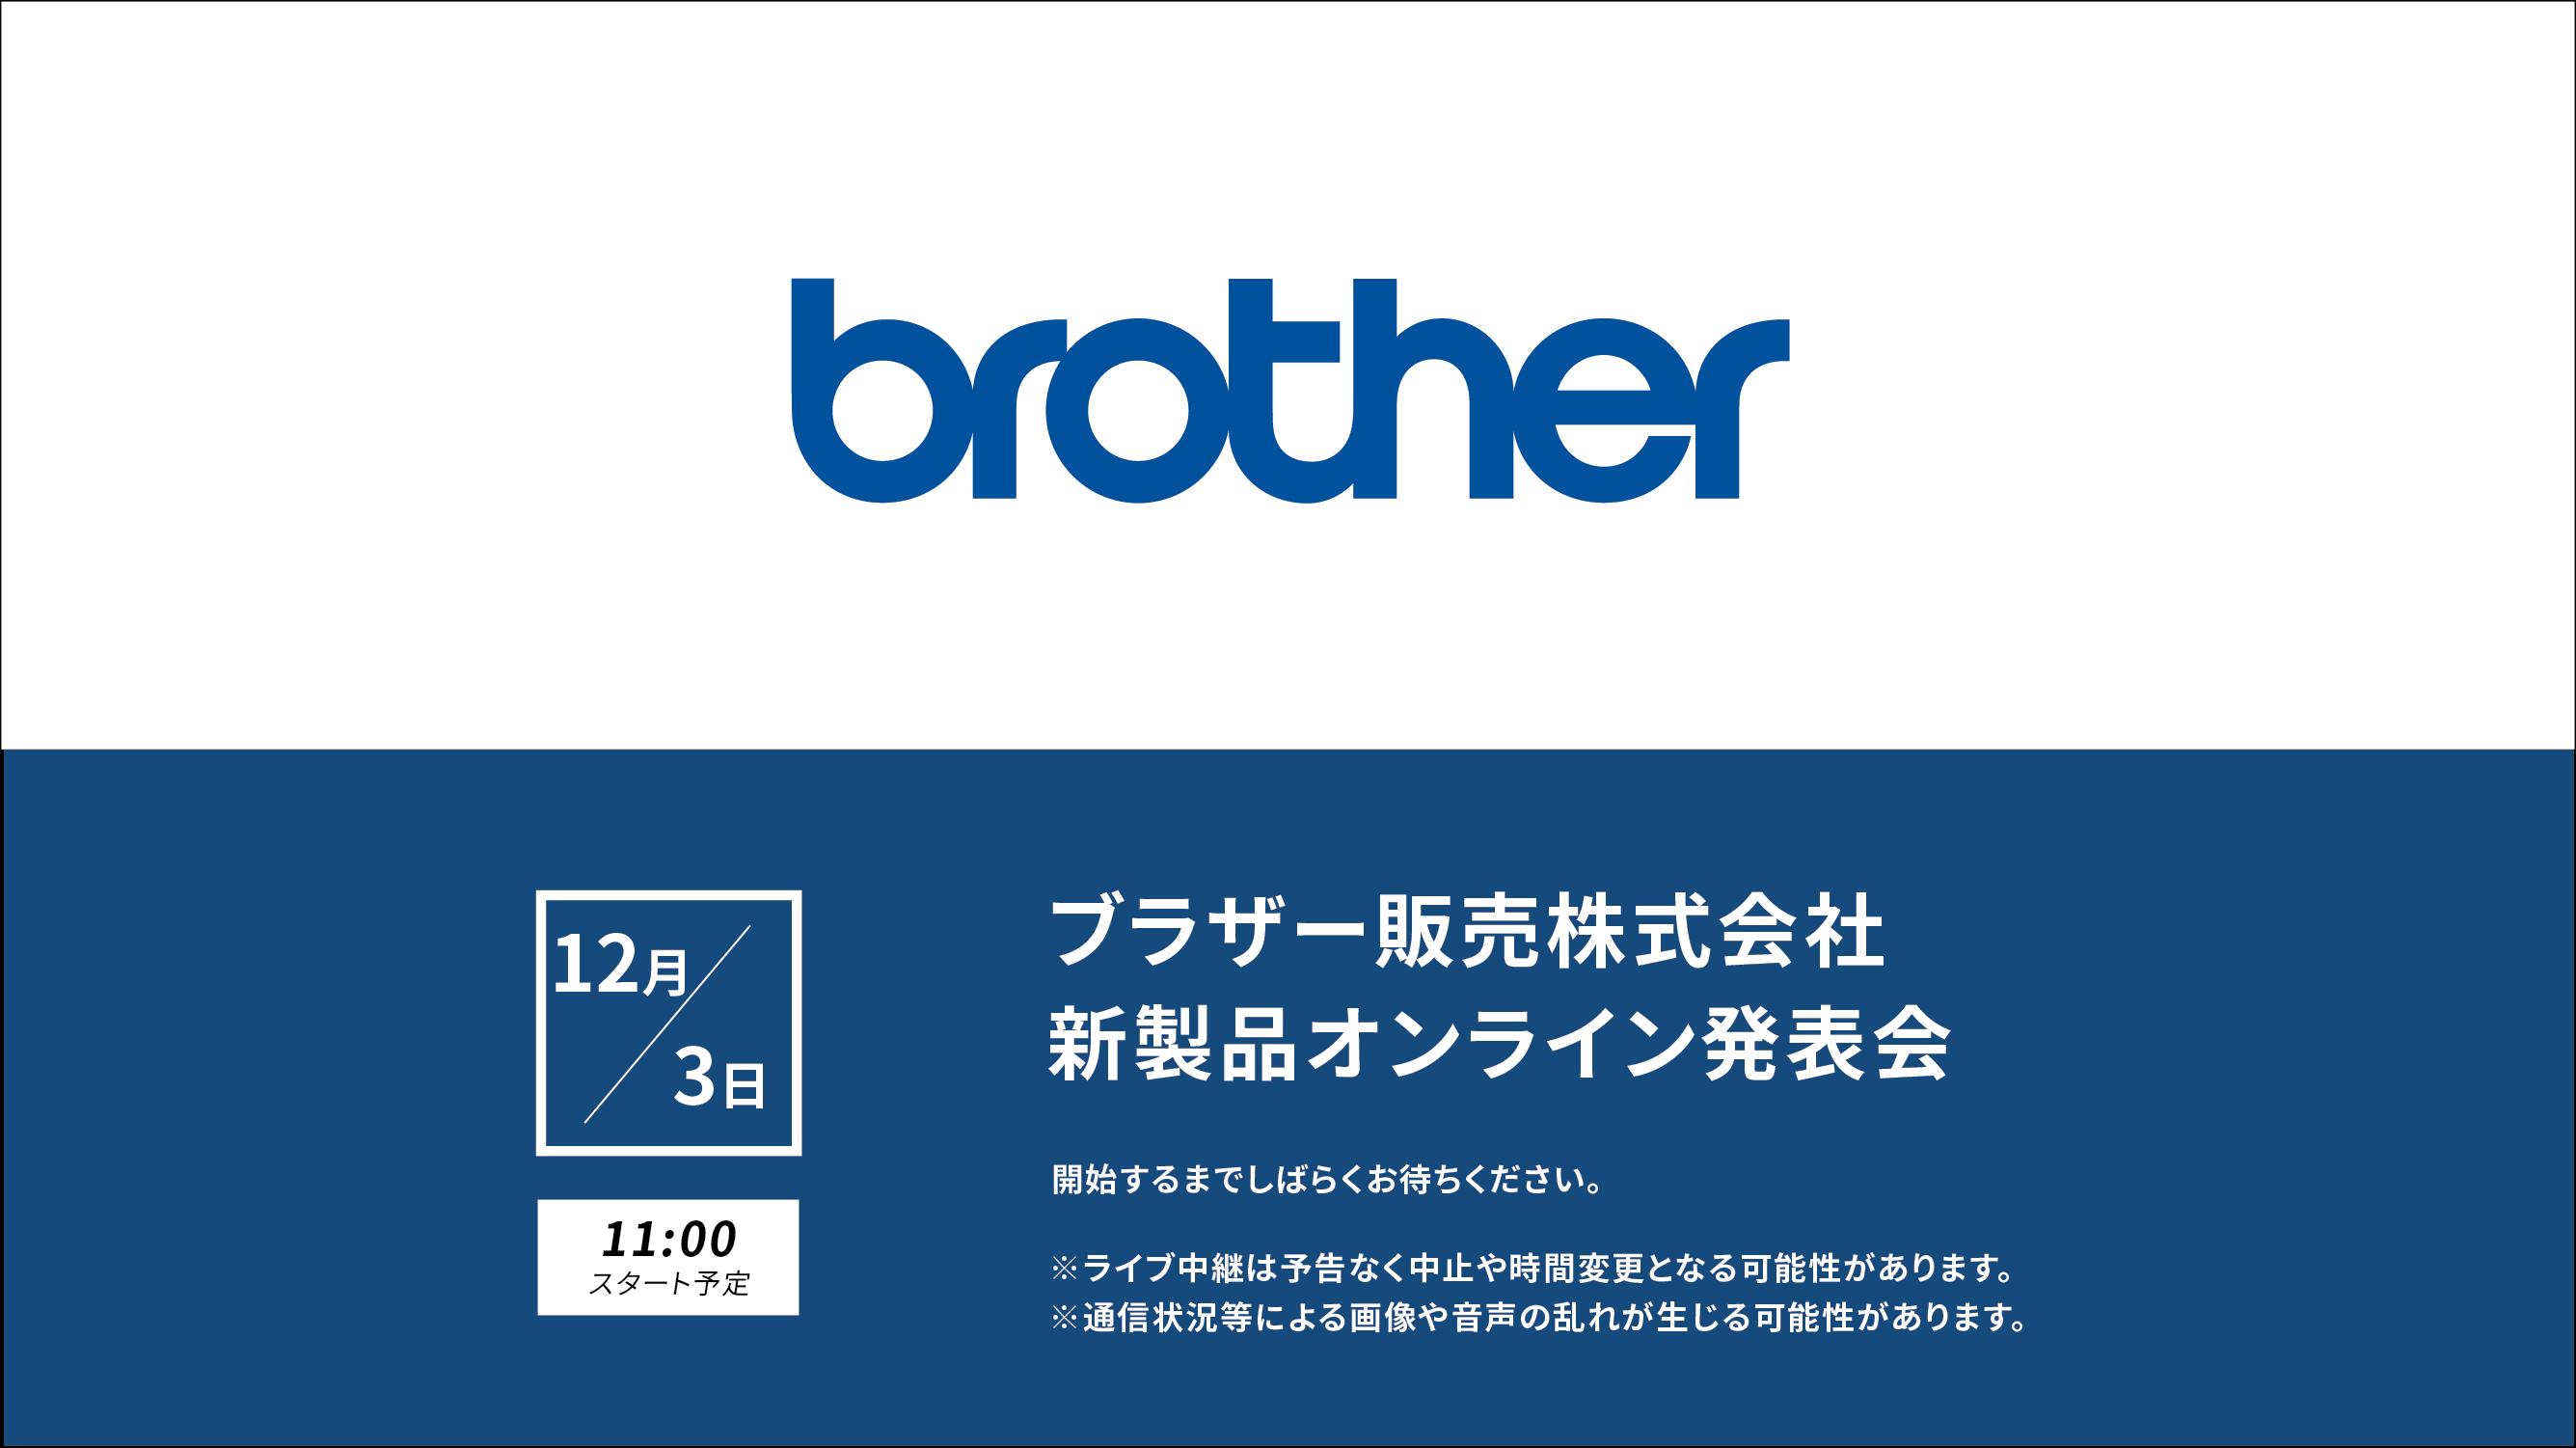 「ブラザー販売株式会社」家庭用刺しゅうミシンの最上位フラッグシップモデル「ルミナイアー XP1」発表会